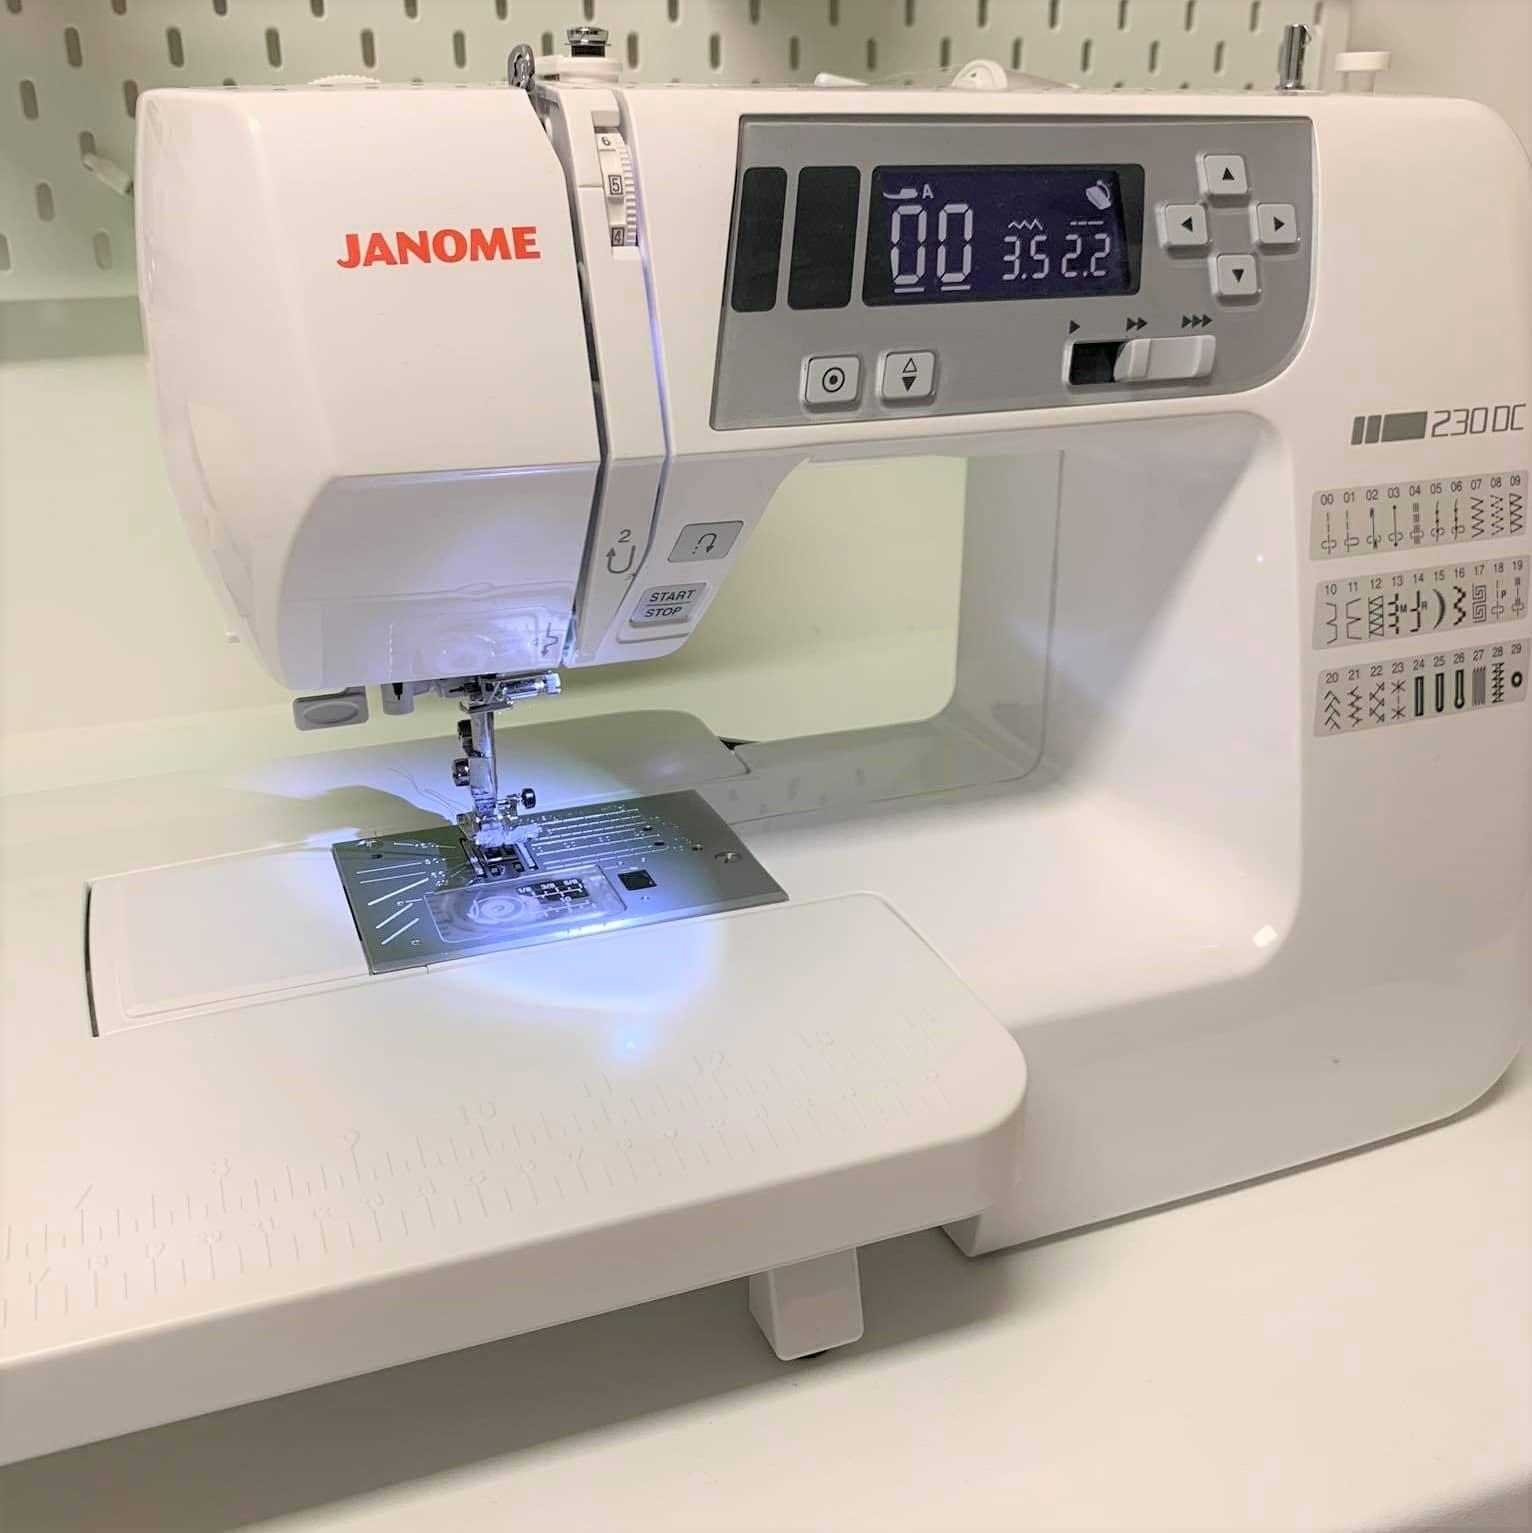 Die JANOME 230 DC im Test bei der Redaktion